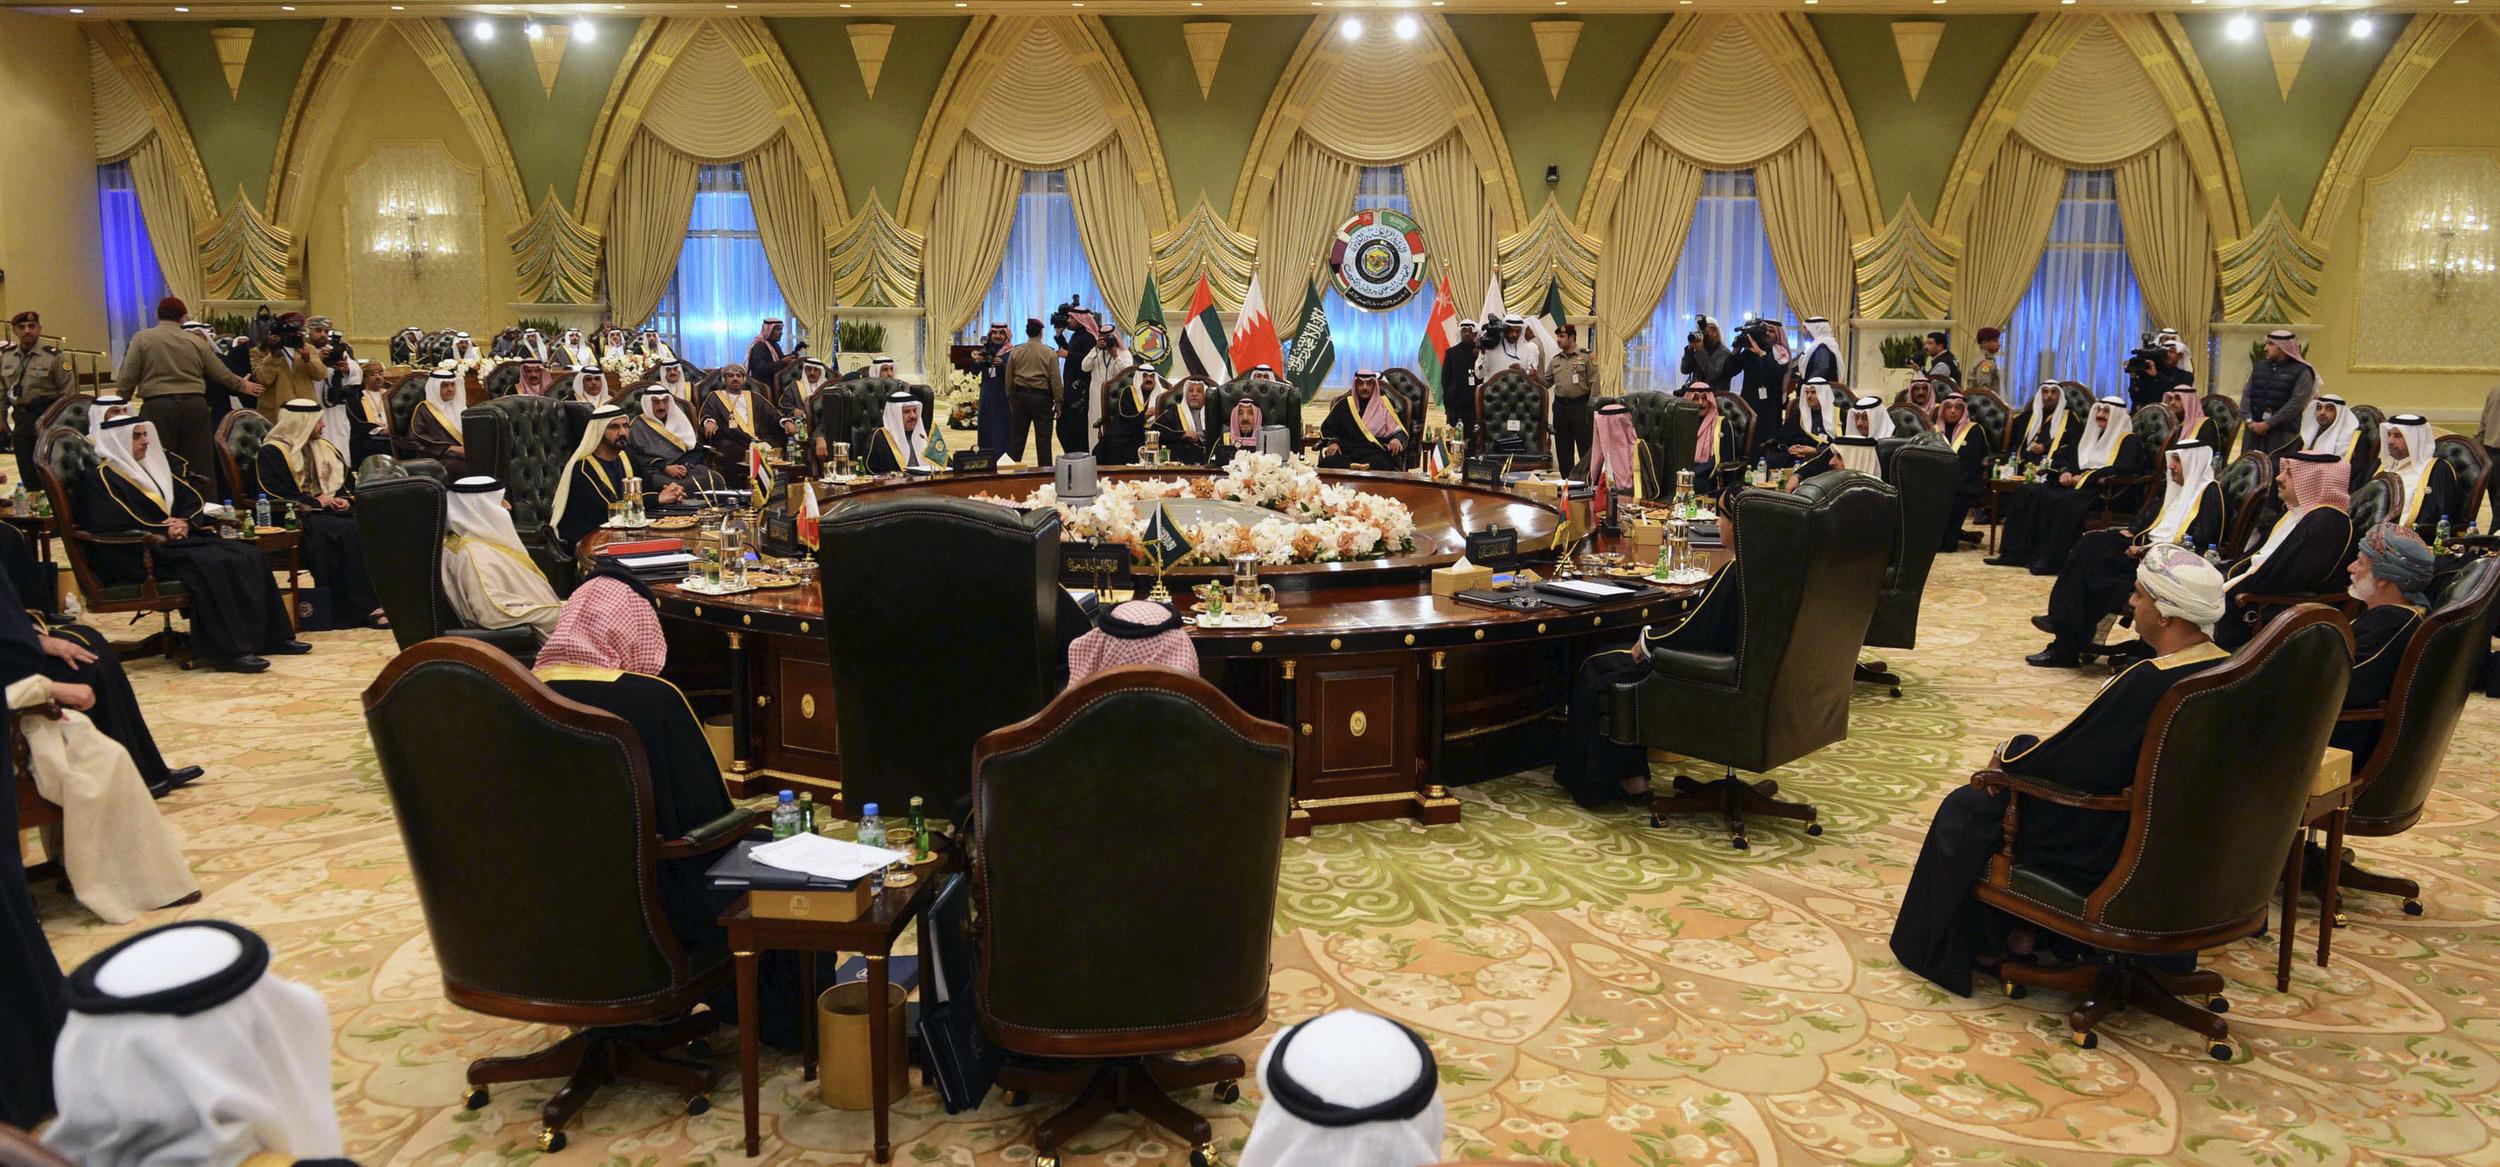 رؤية الخليج لأزمة اليمن بين قمة الرياض ومباحثات جنيف2